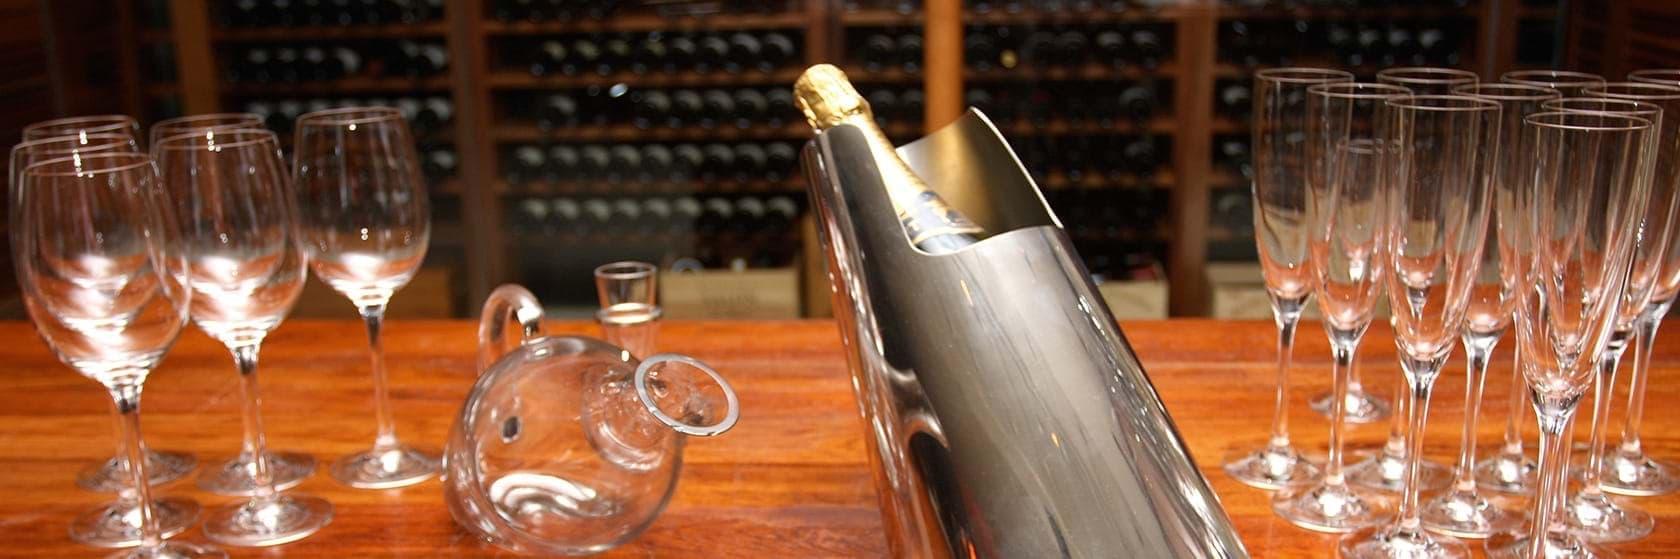 Wine pairing for honeymooners in Mauritius